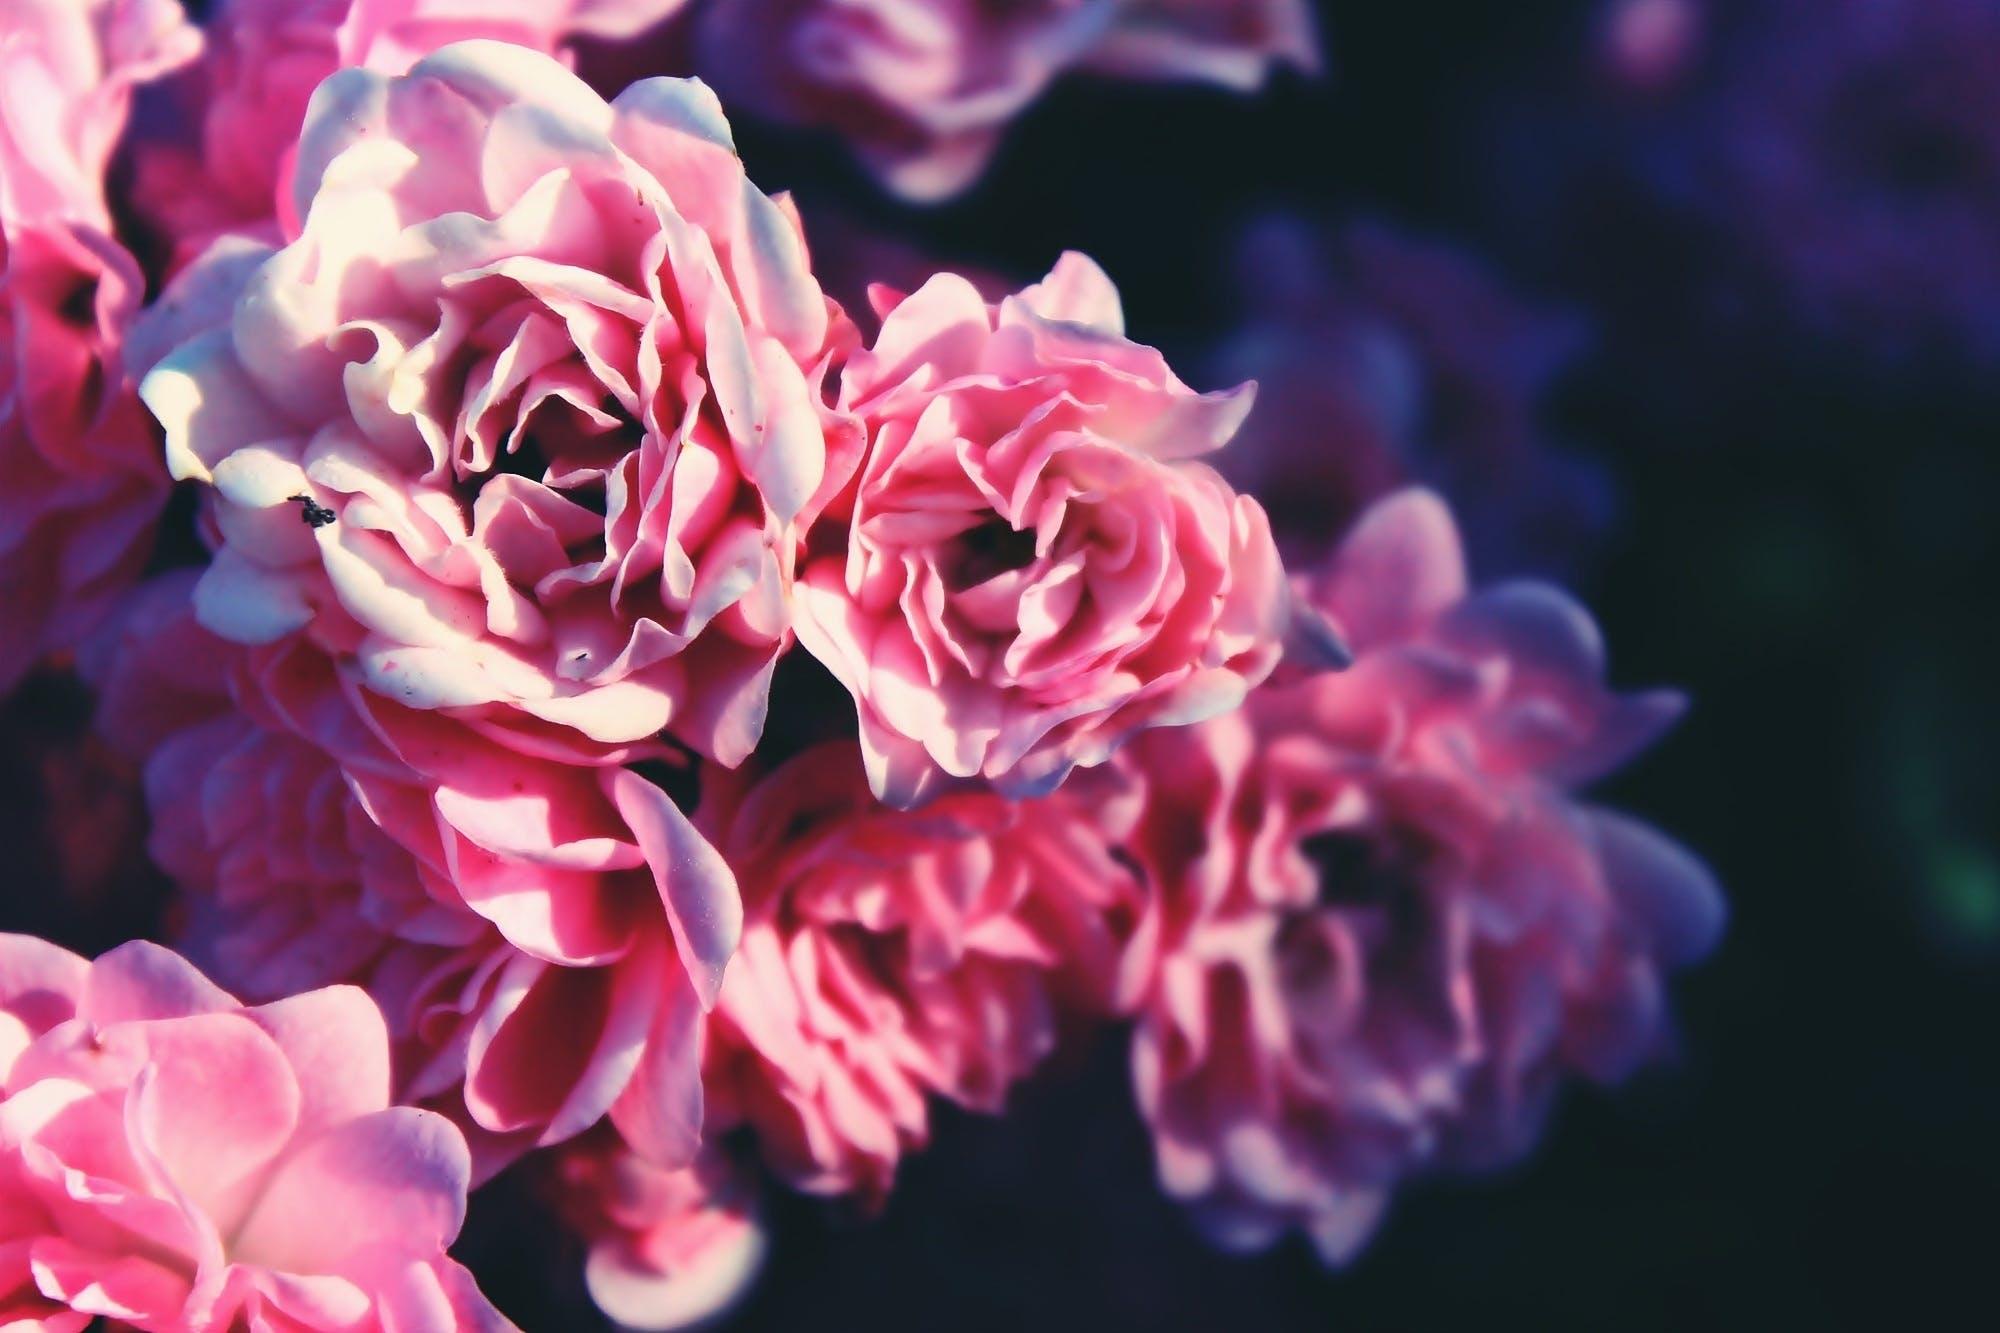 Kostenloses Stock Foto zu blumen, blütenblätter, pflanze, verschwimmen